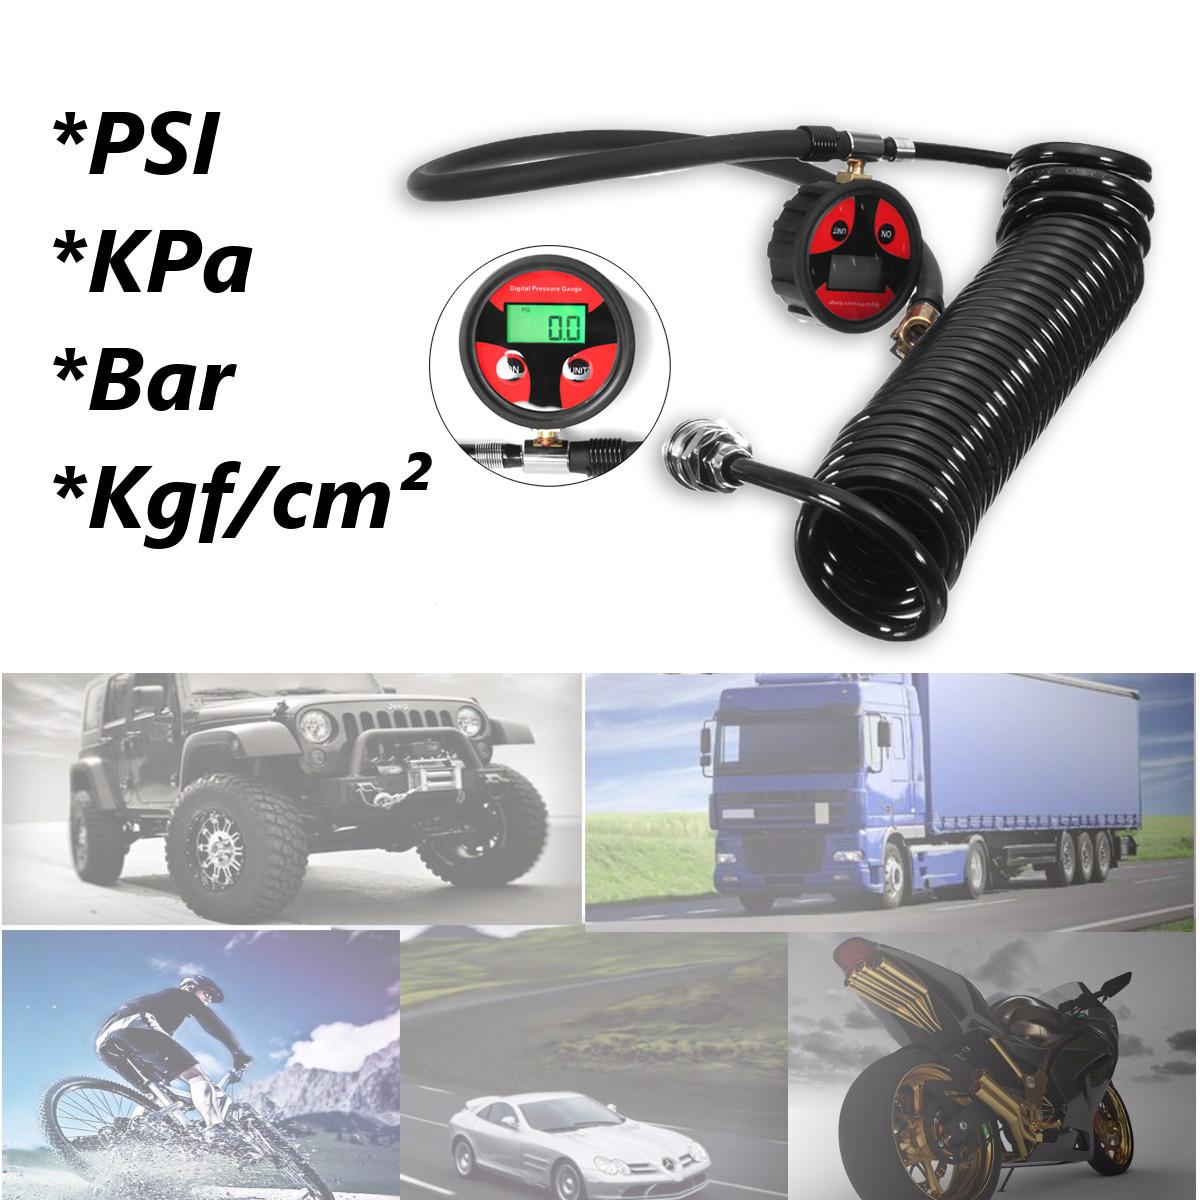 LCD Display Motorcycle Car Truck Tire Tyre Digital Air Pressure Gauge Meter